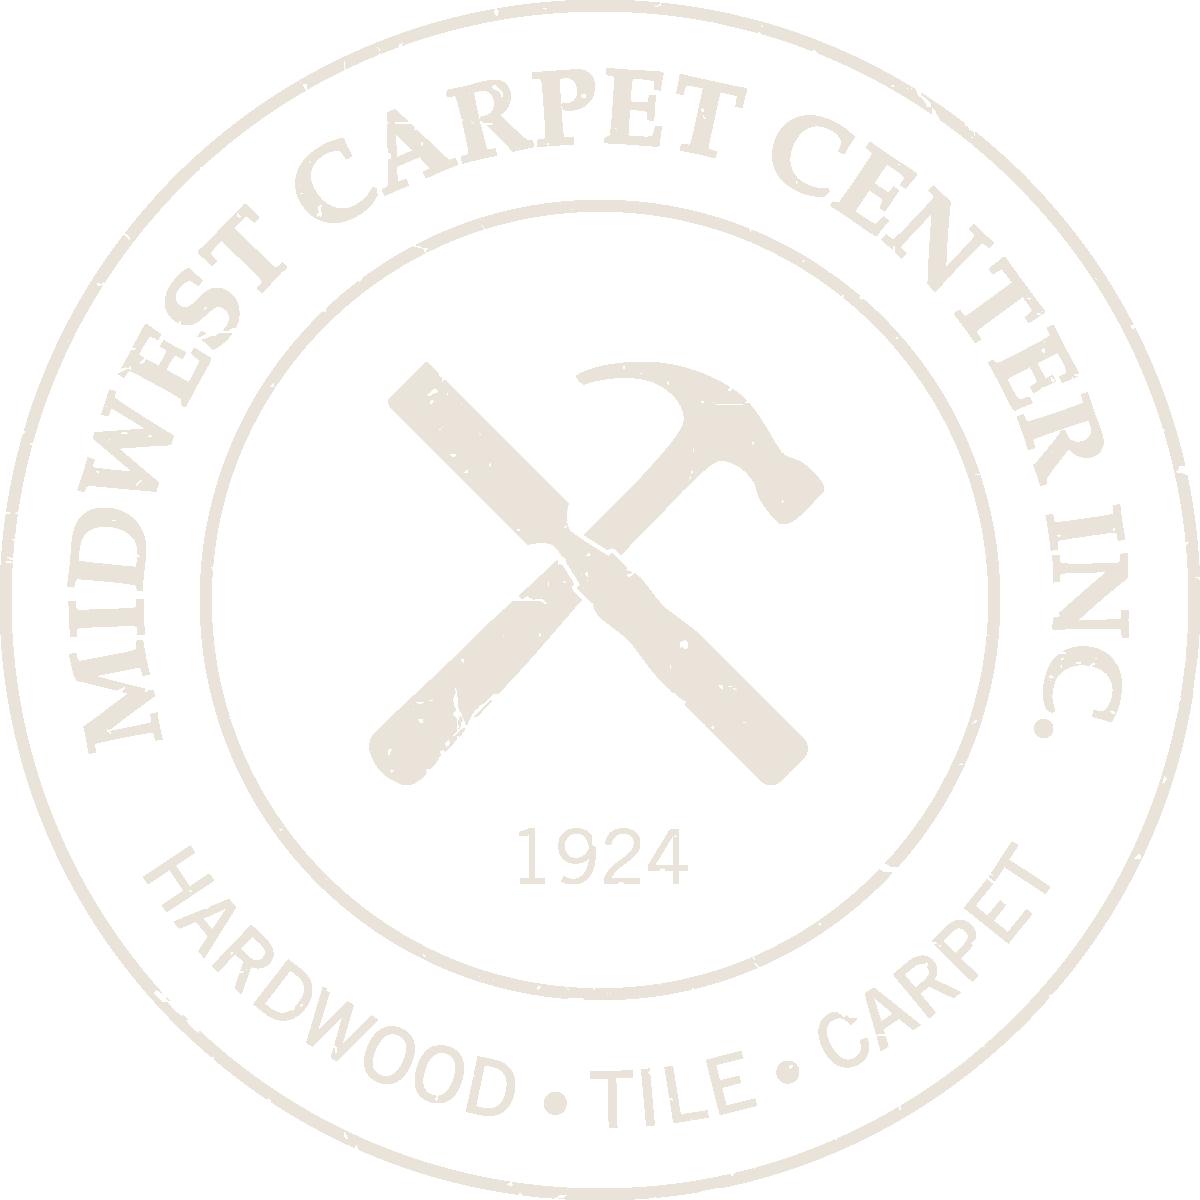 Midwest Carpet Center